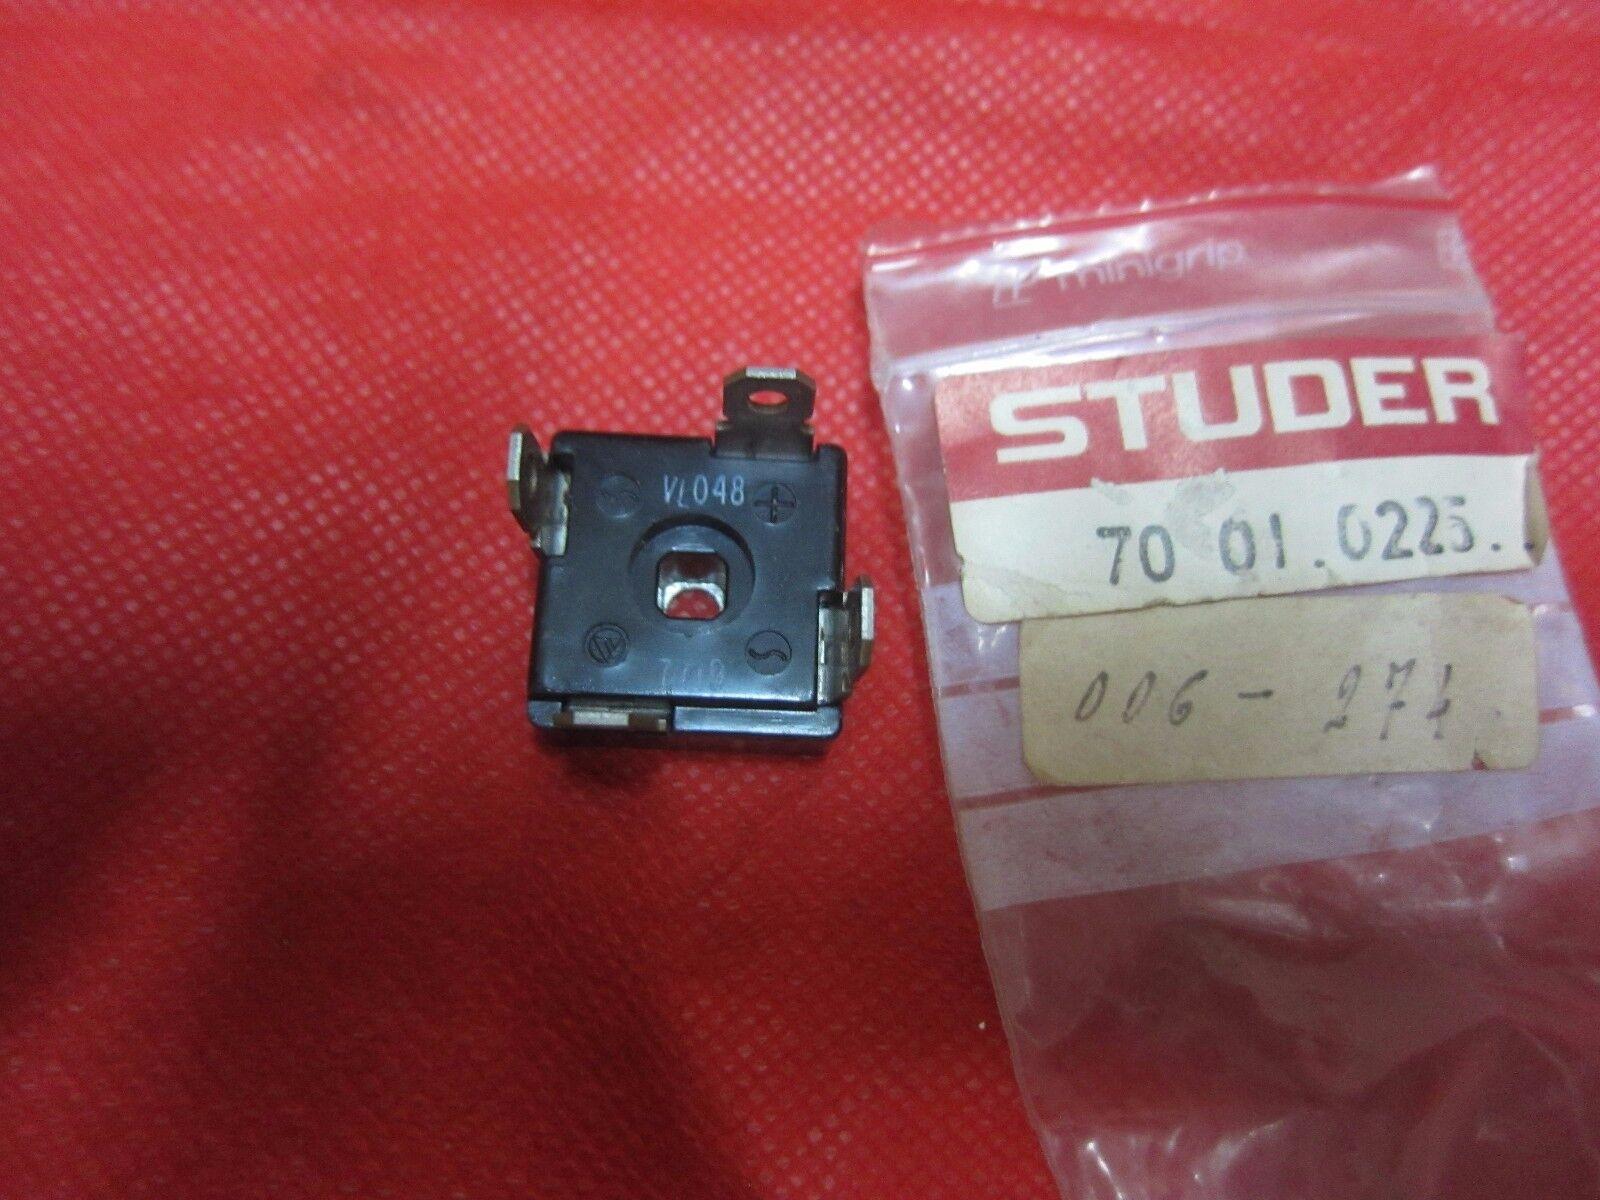 Studer 70.01.0025 para Studer Studer Studer parte  mejor calidad mejor precio